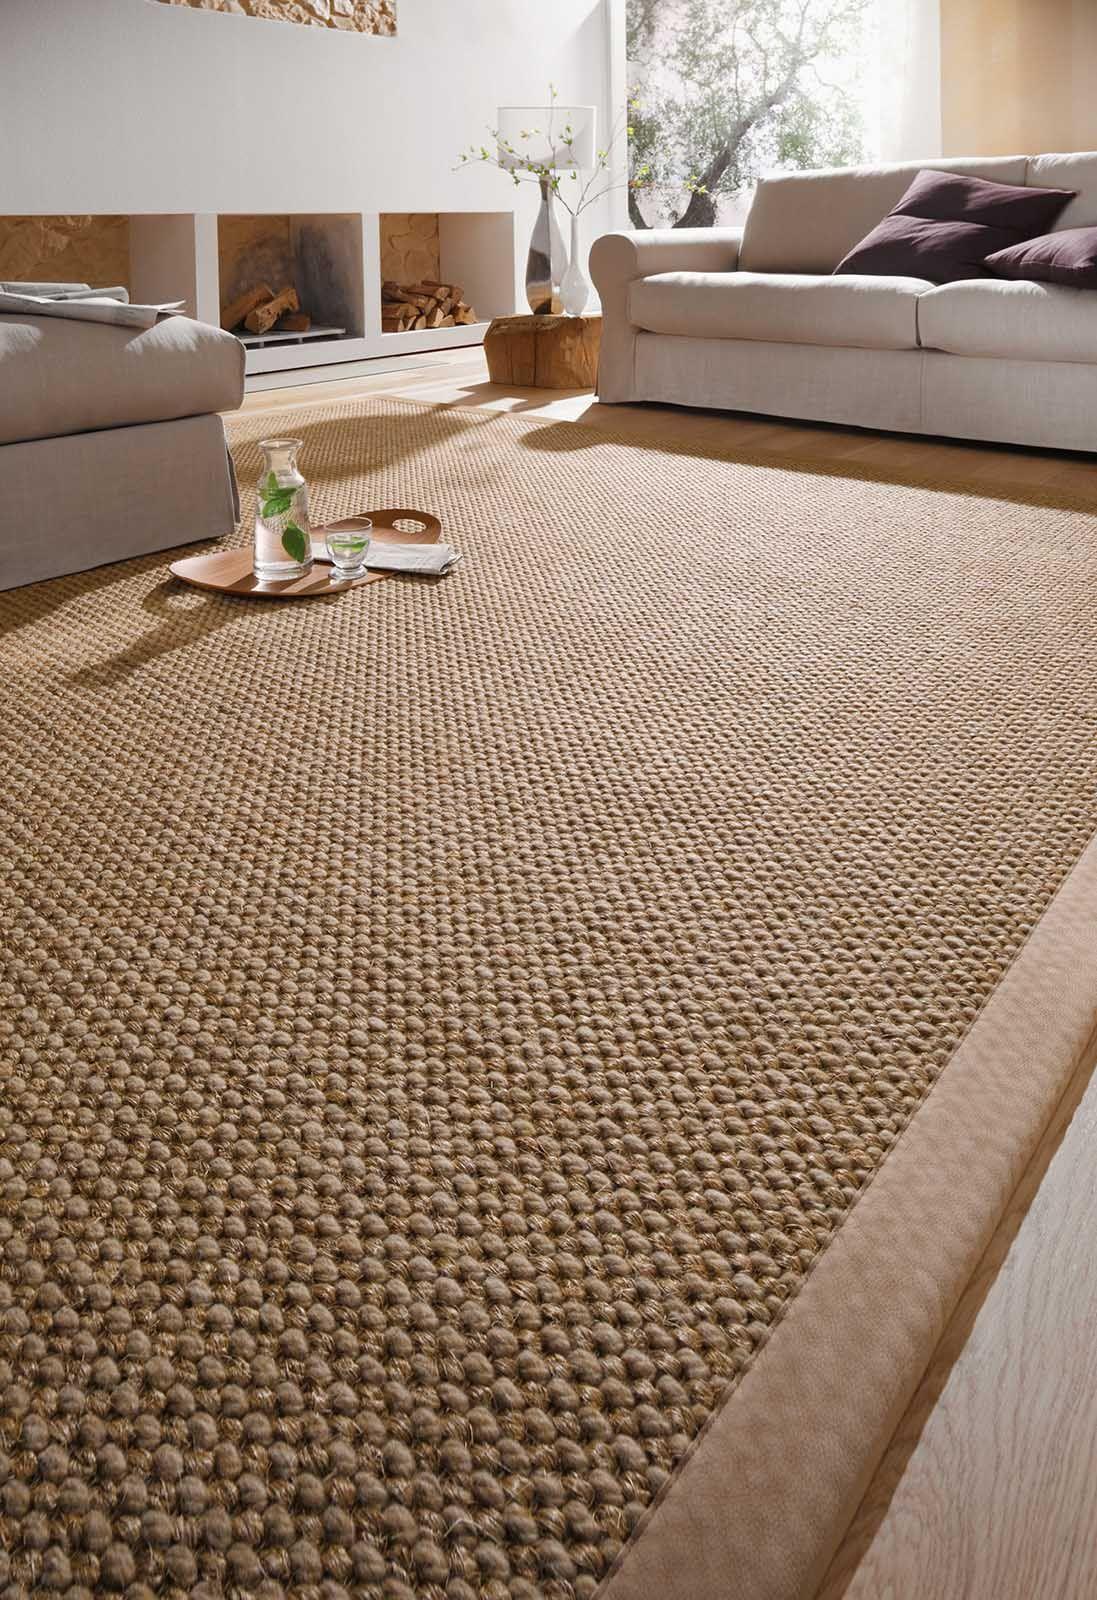 Tappeti Grandi Da Esterno tappeti in fibre naturali   tappeti naturali, tappeti e idee